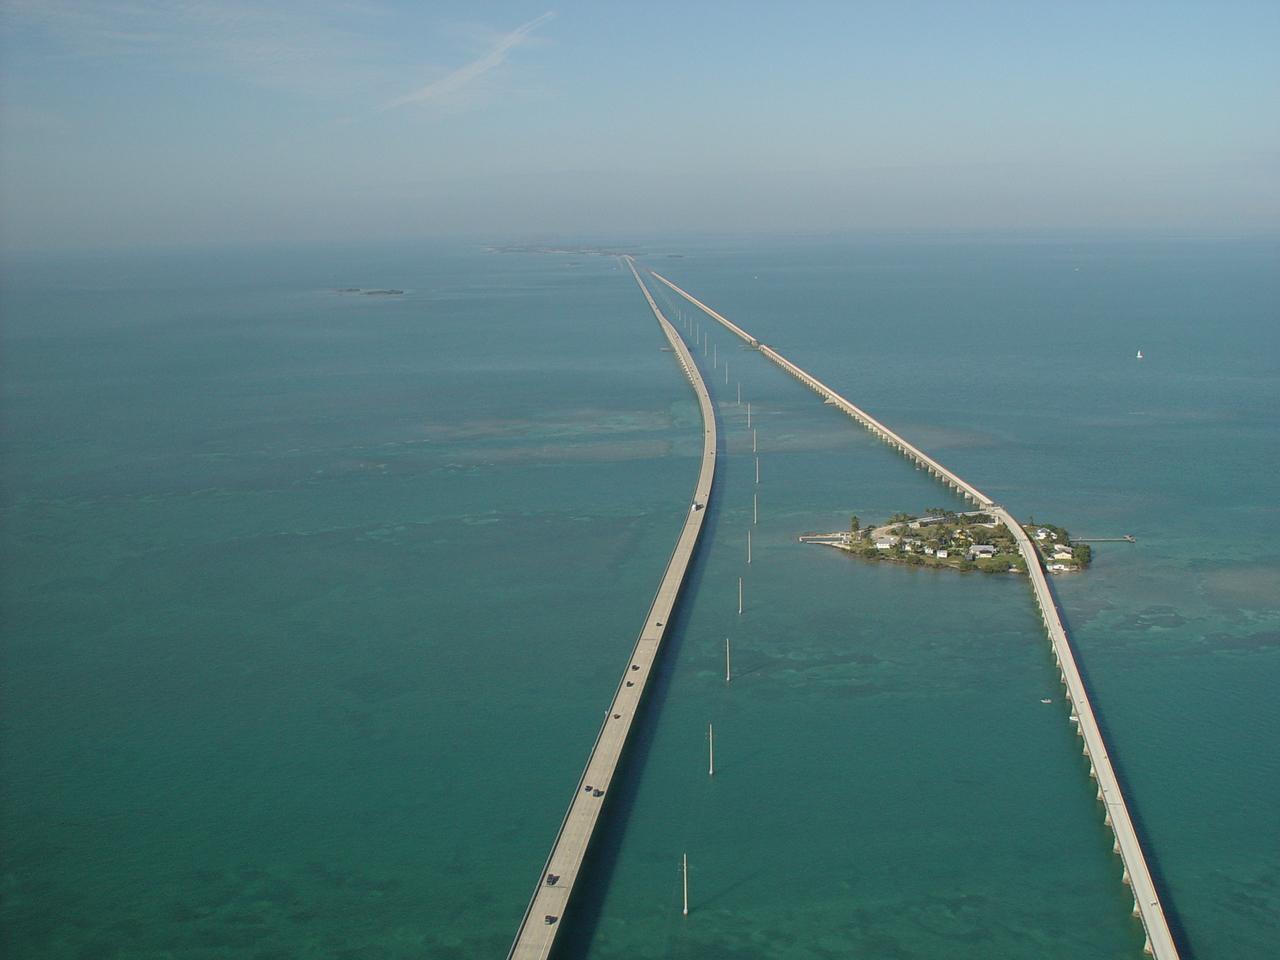 Florida's Overseas Highway